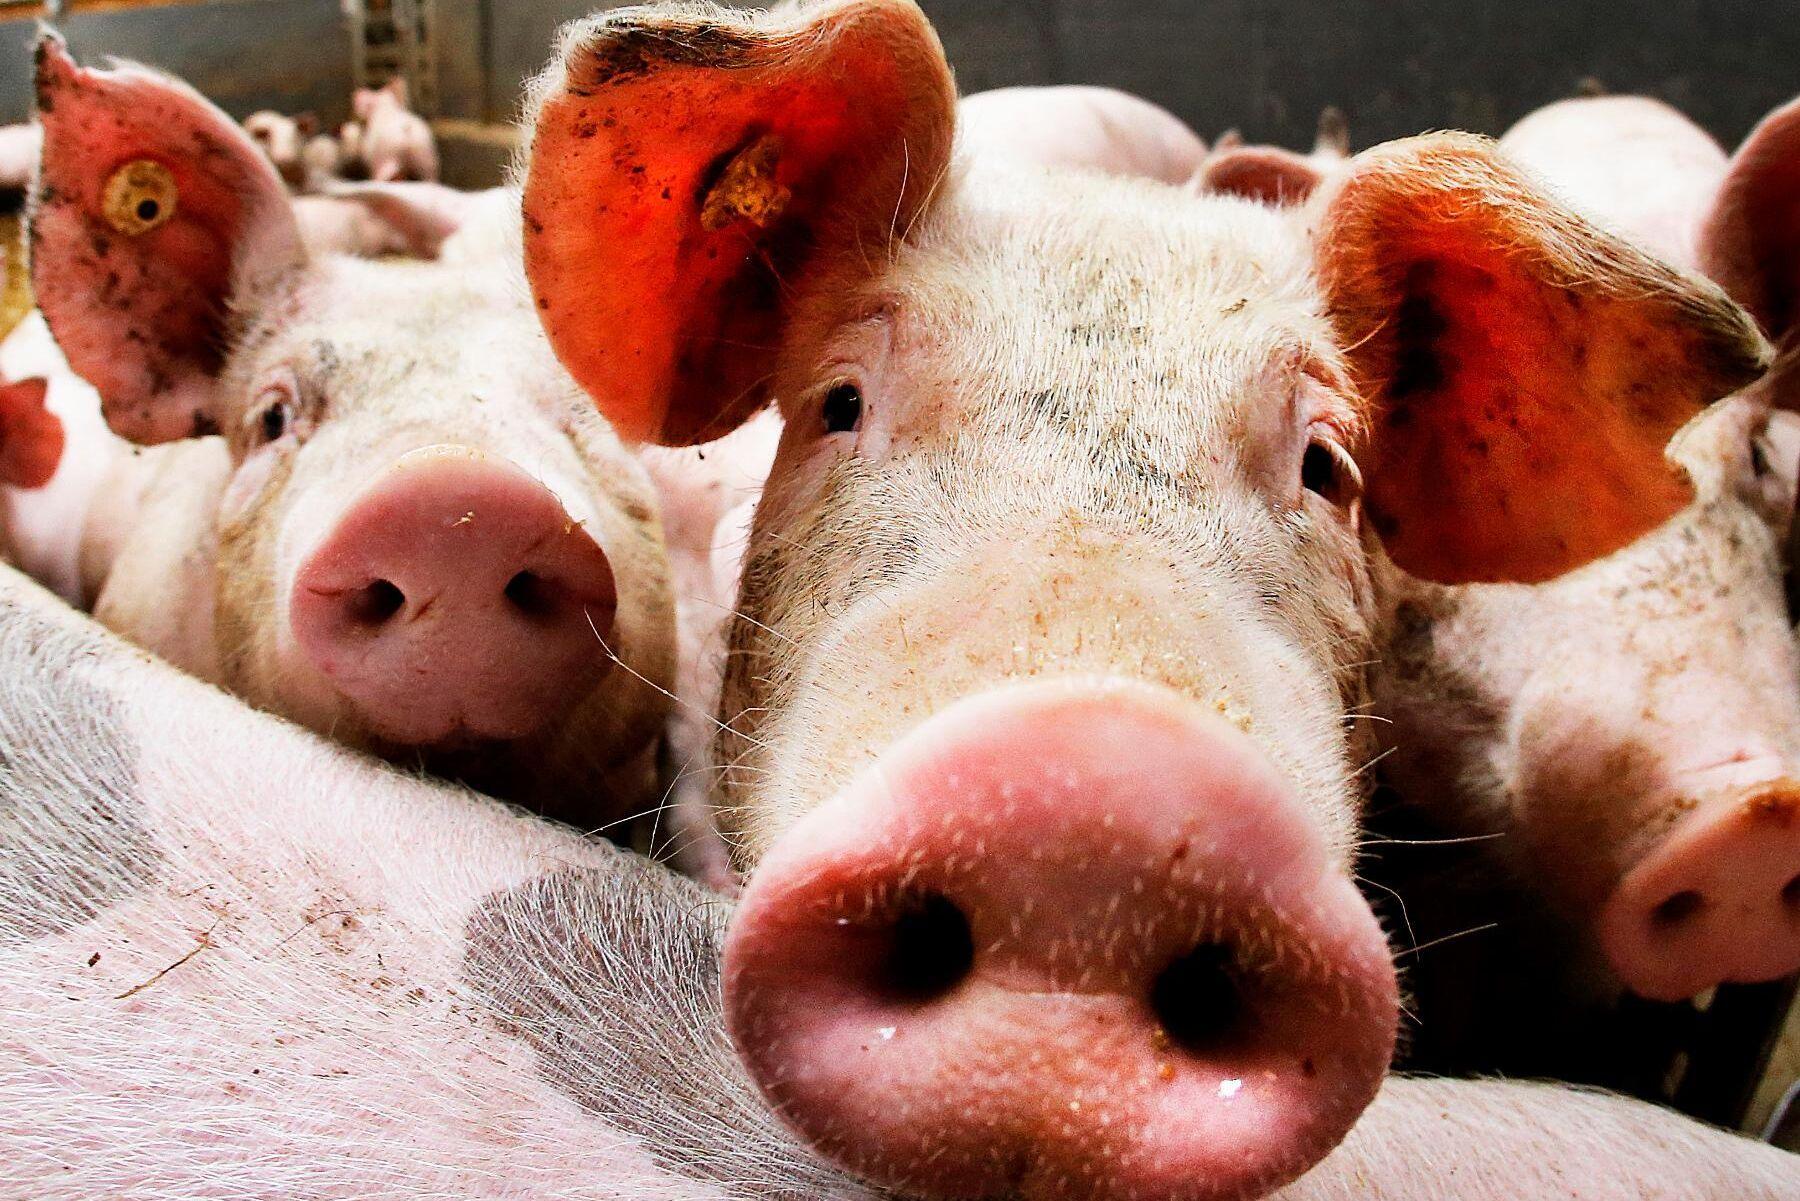 Länsstyrelsen blev varse situationen efter att en tipsare anmält och bifogat bilder på döda grisar. Arkivbild.